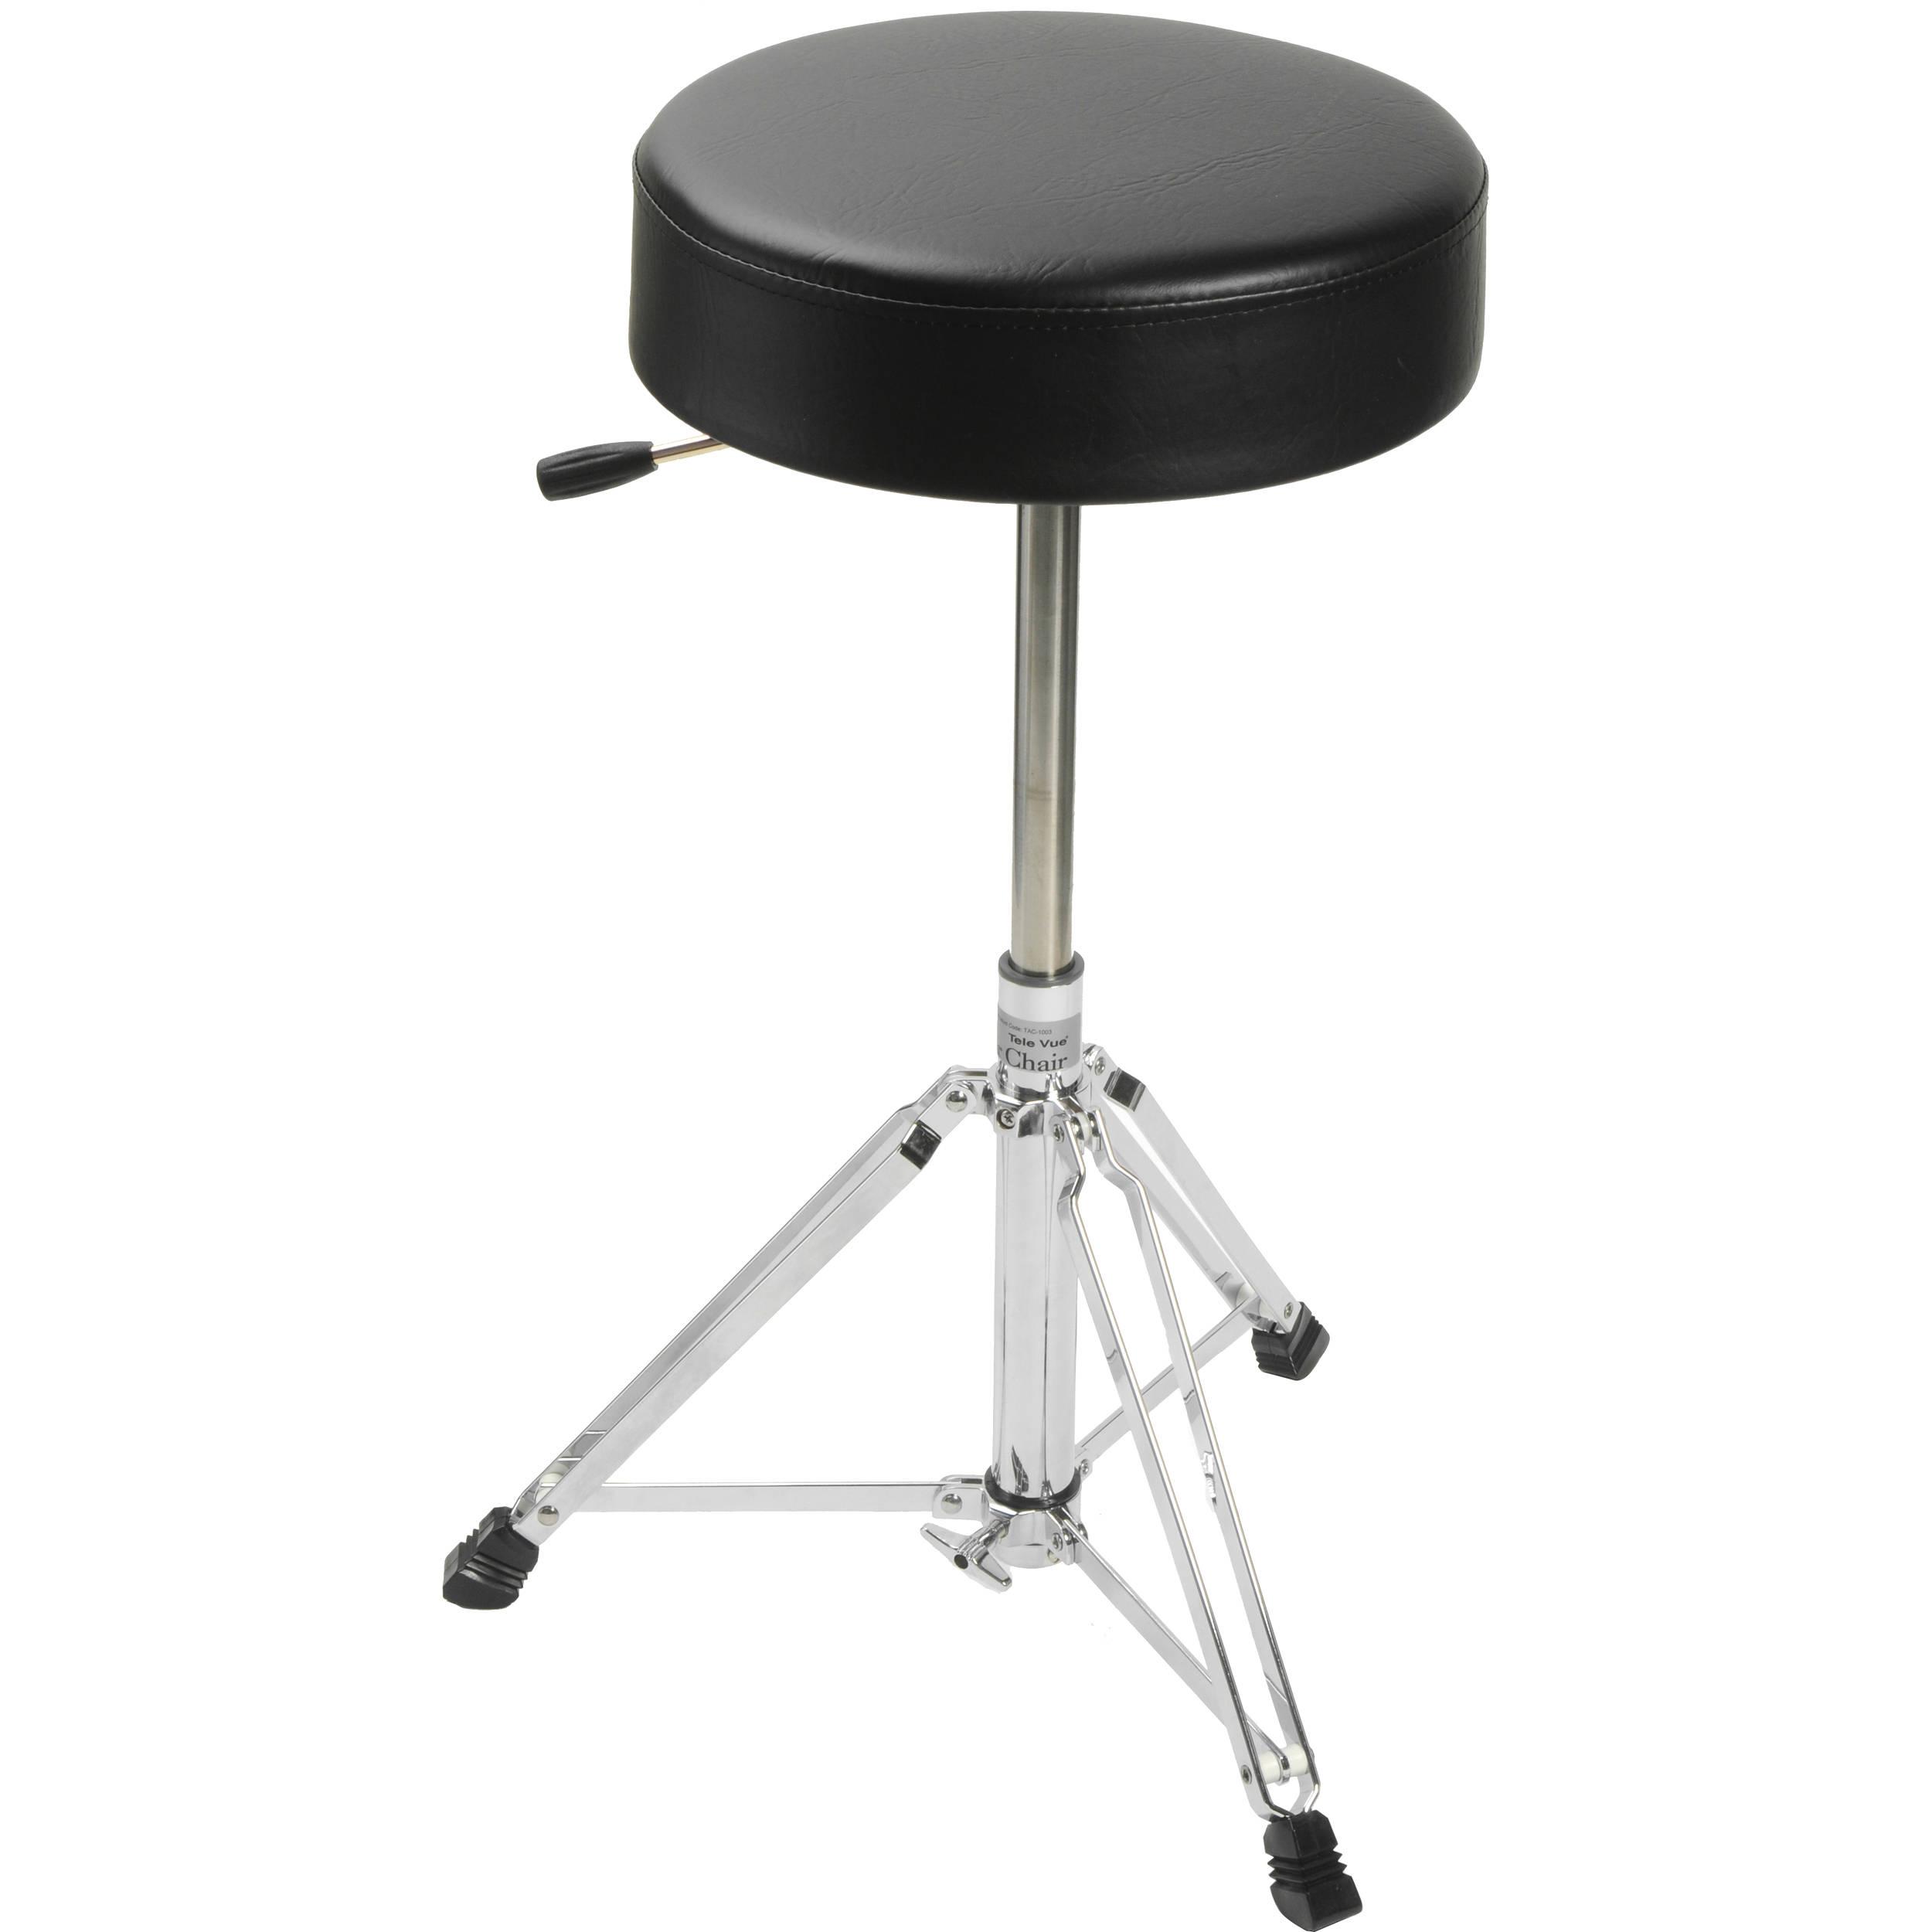 Tele Vue Air Chair